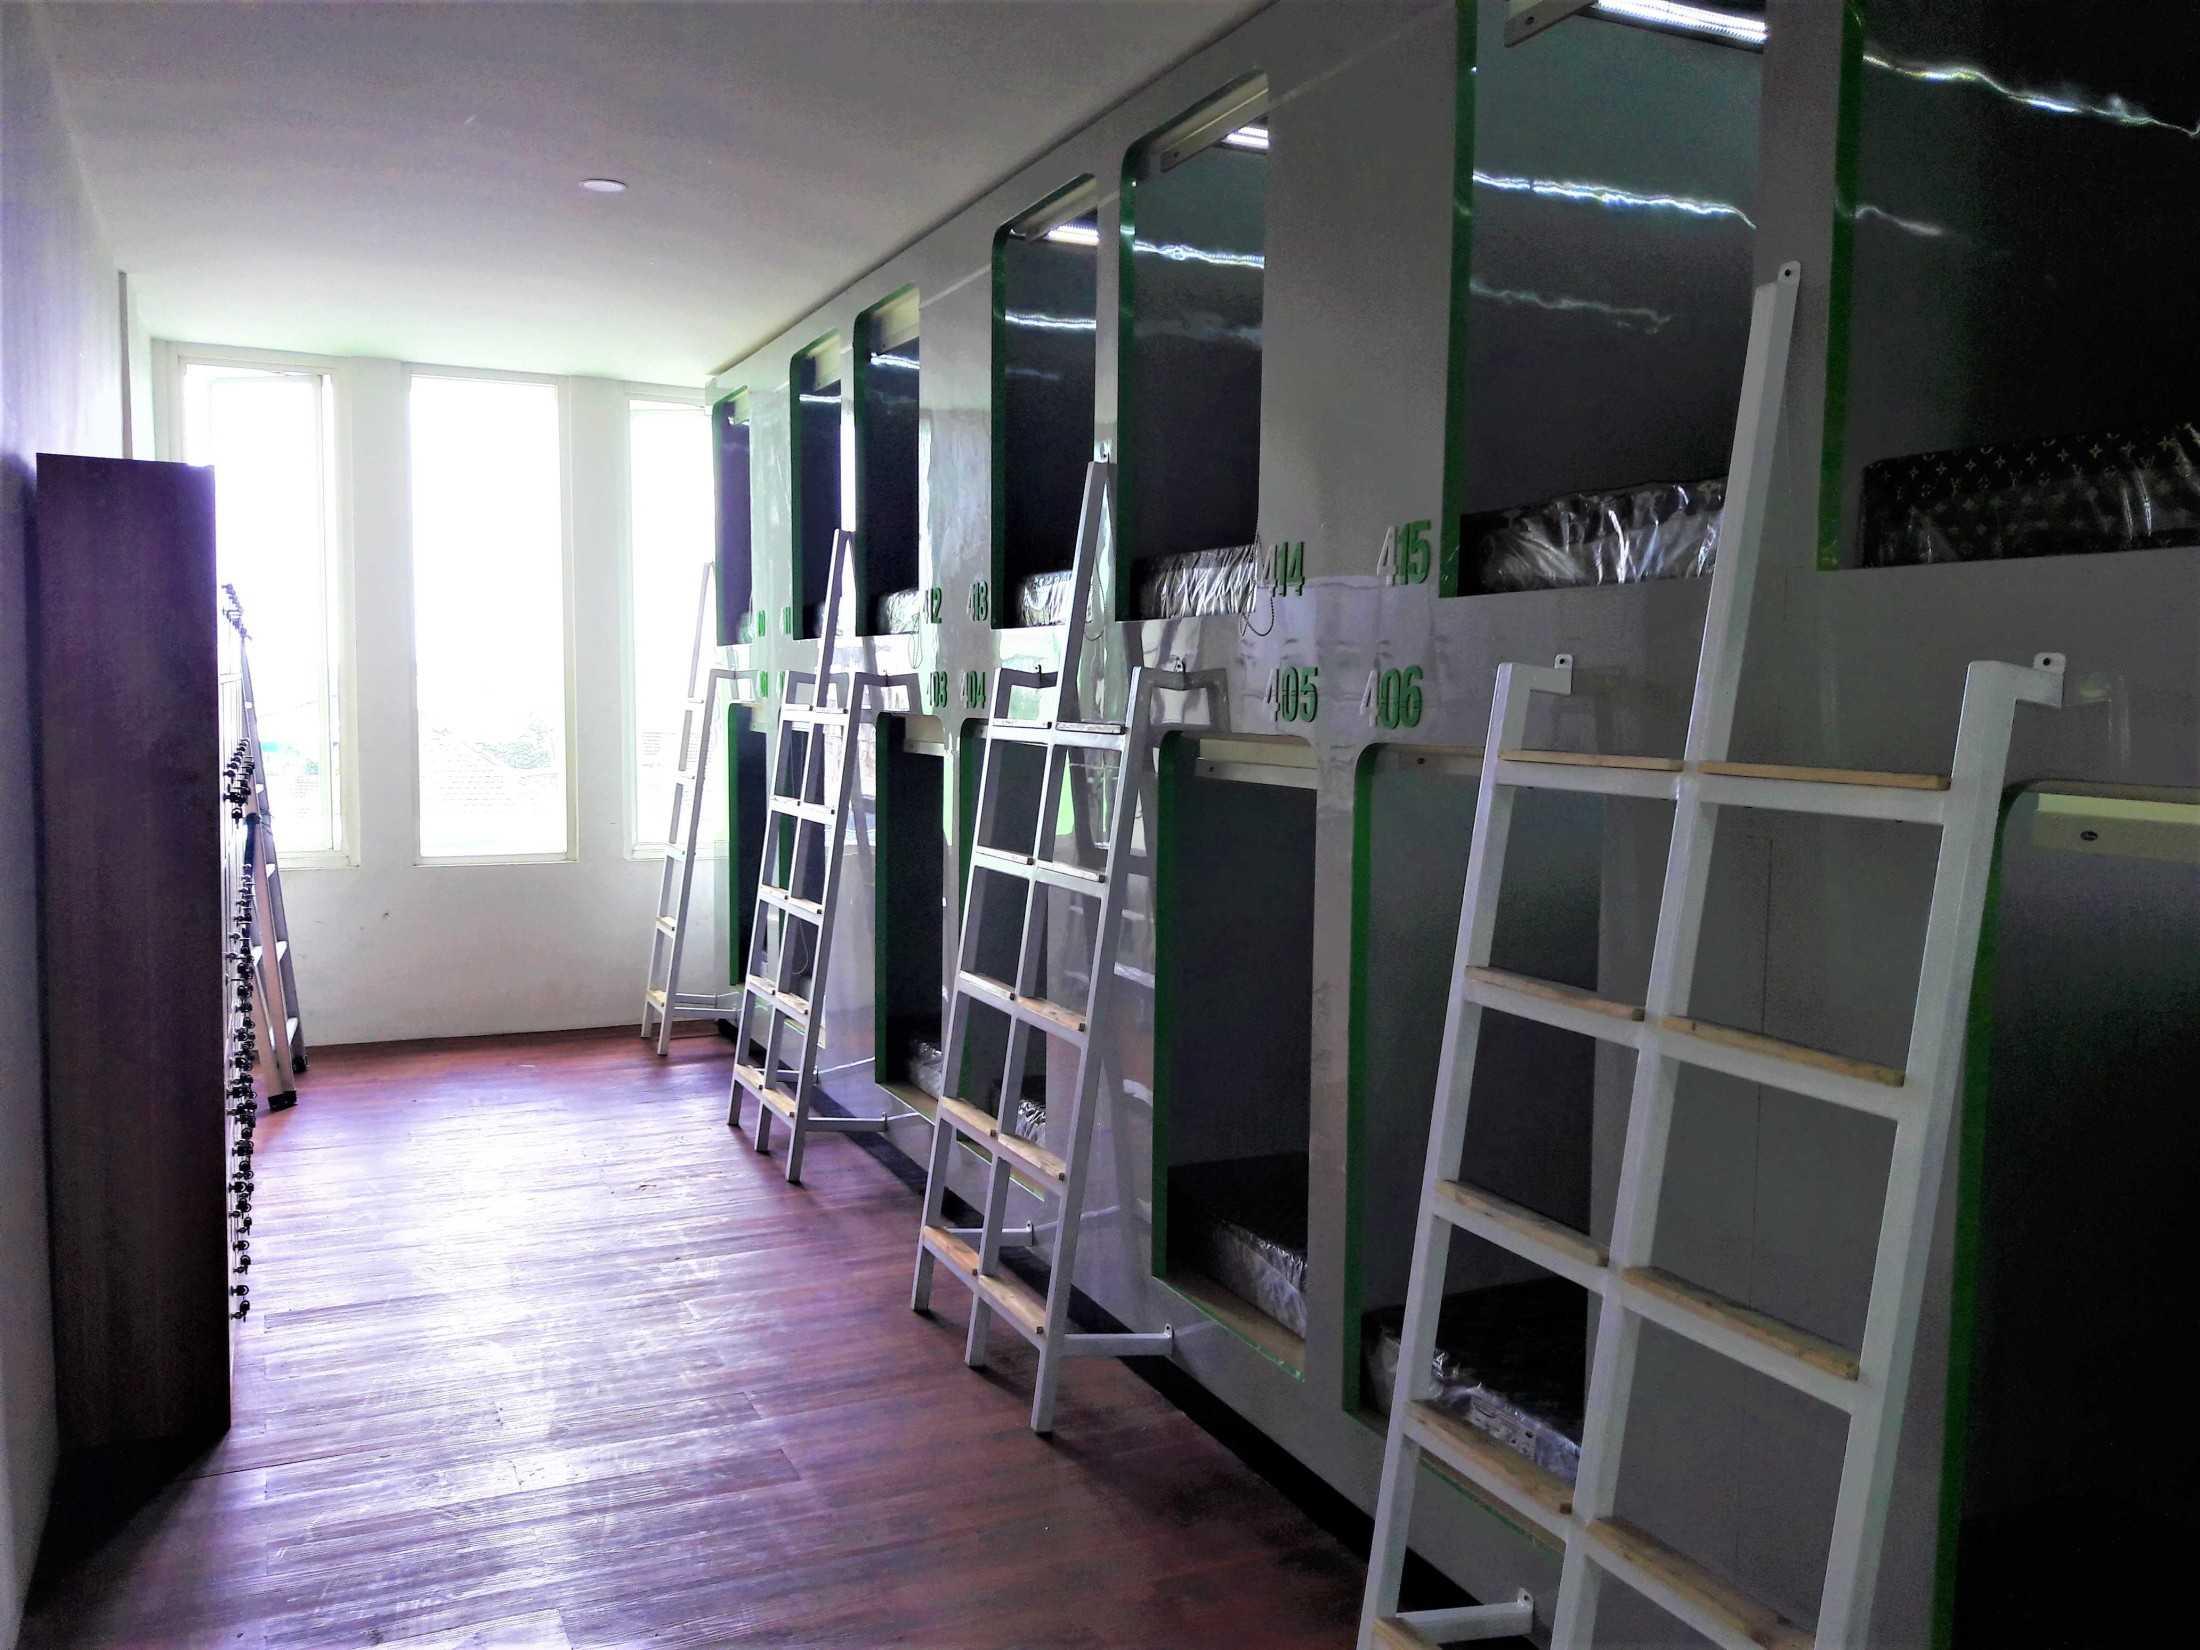 Project Hotel Kapsul Kotak desain arsitek oleh Metom ...